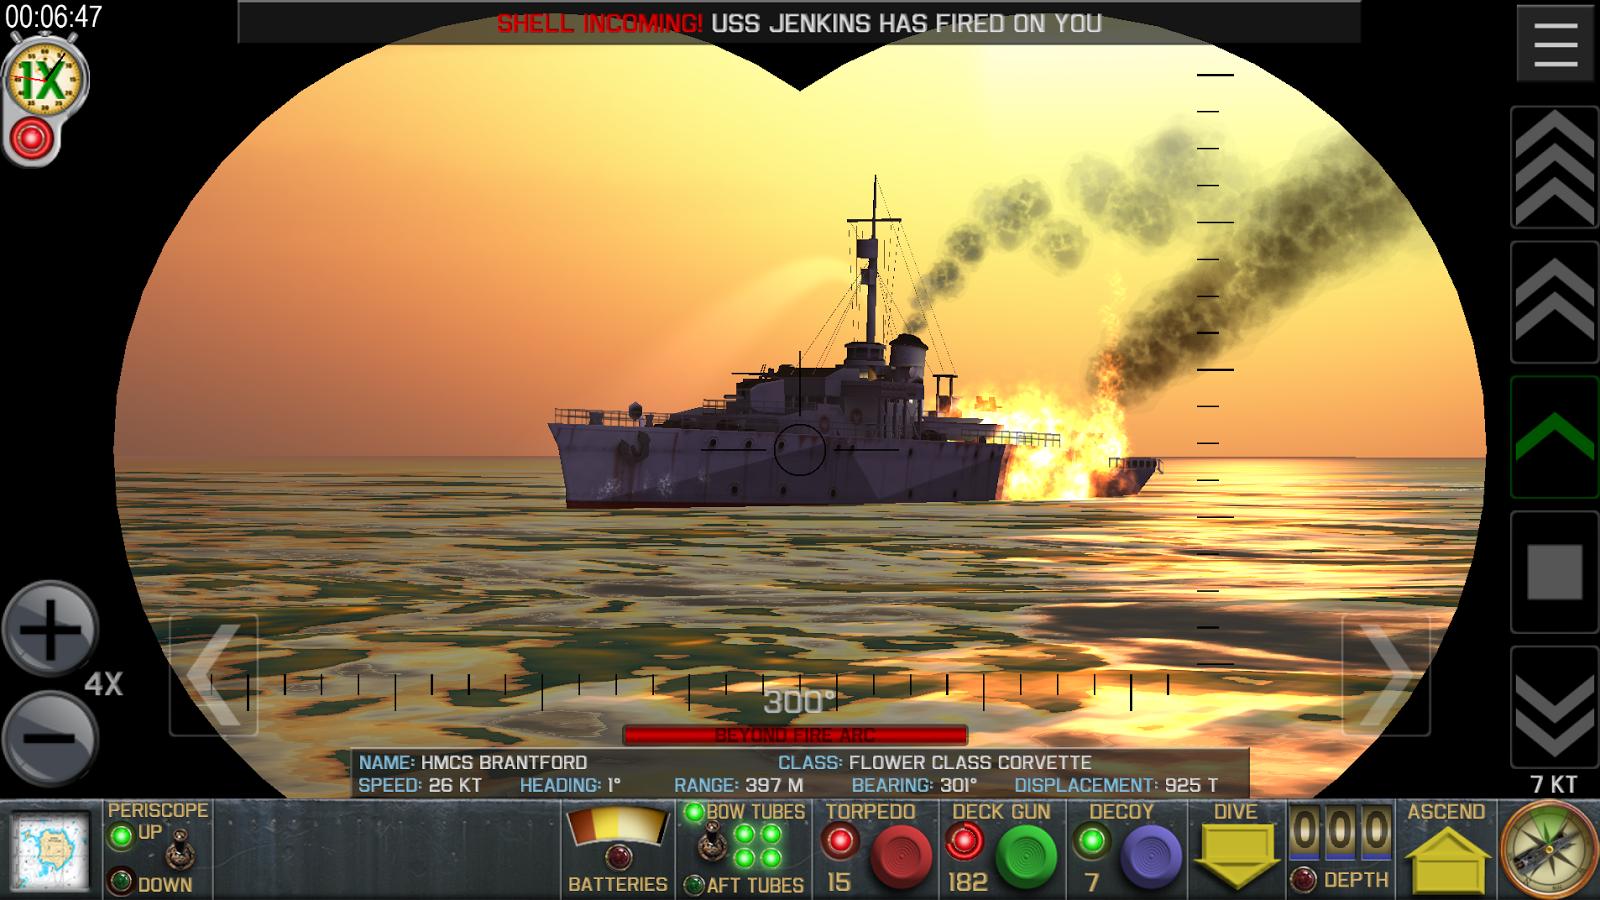 Juegos de submarinos online dating 7